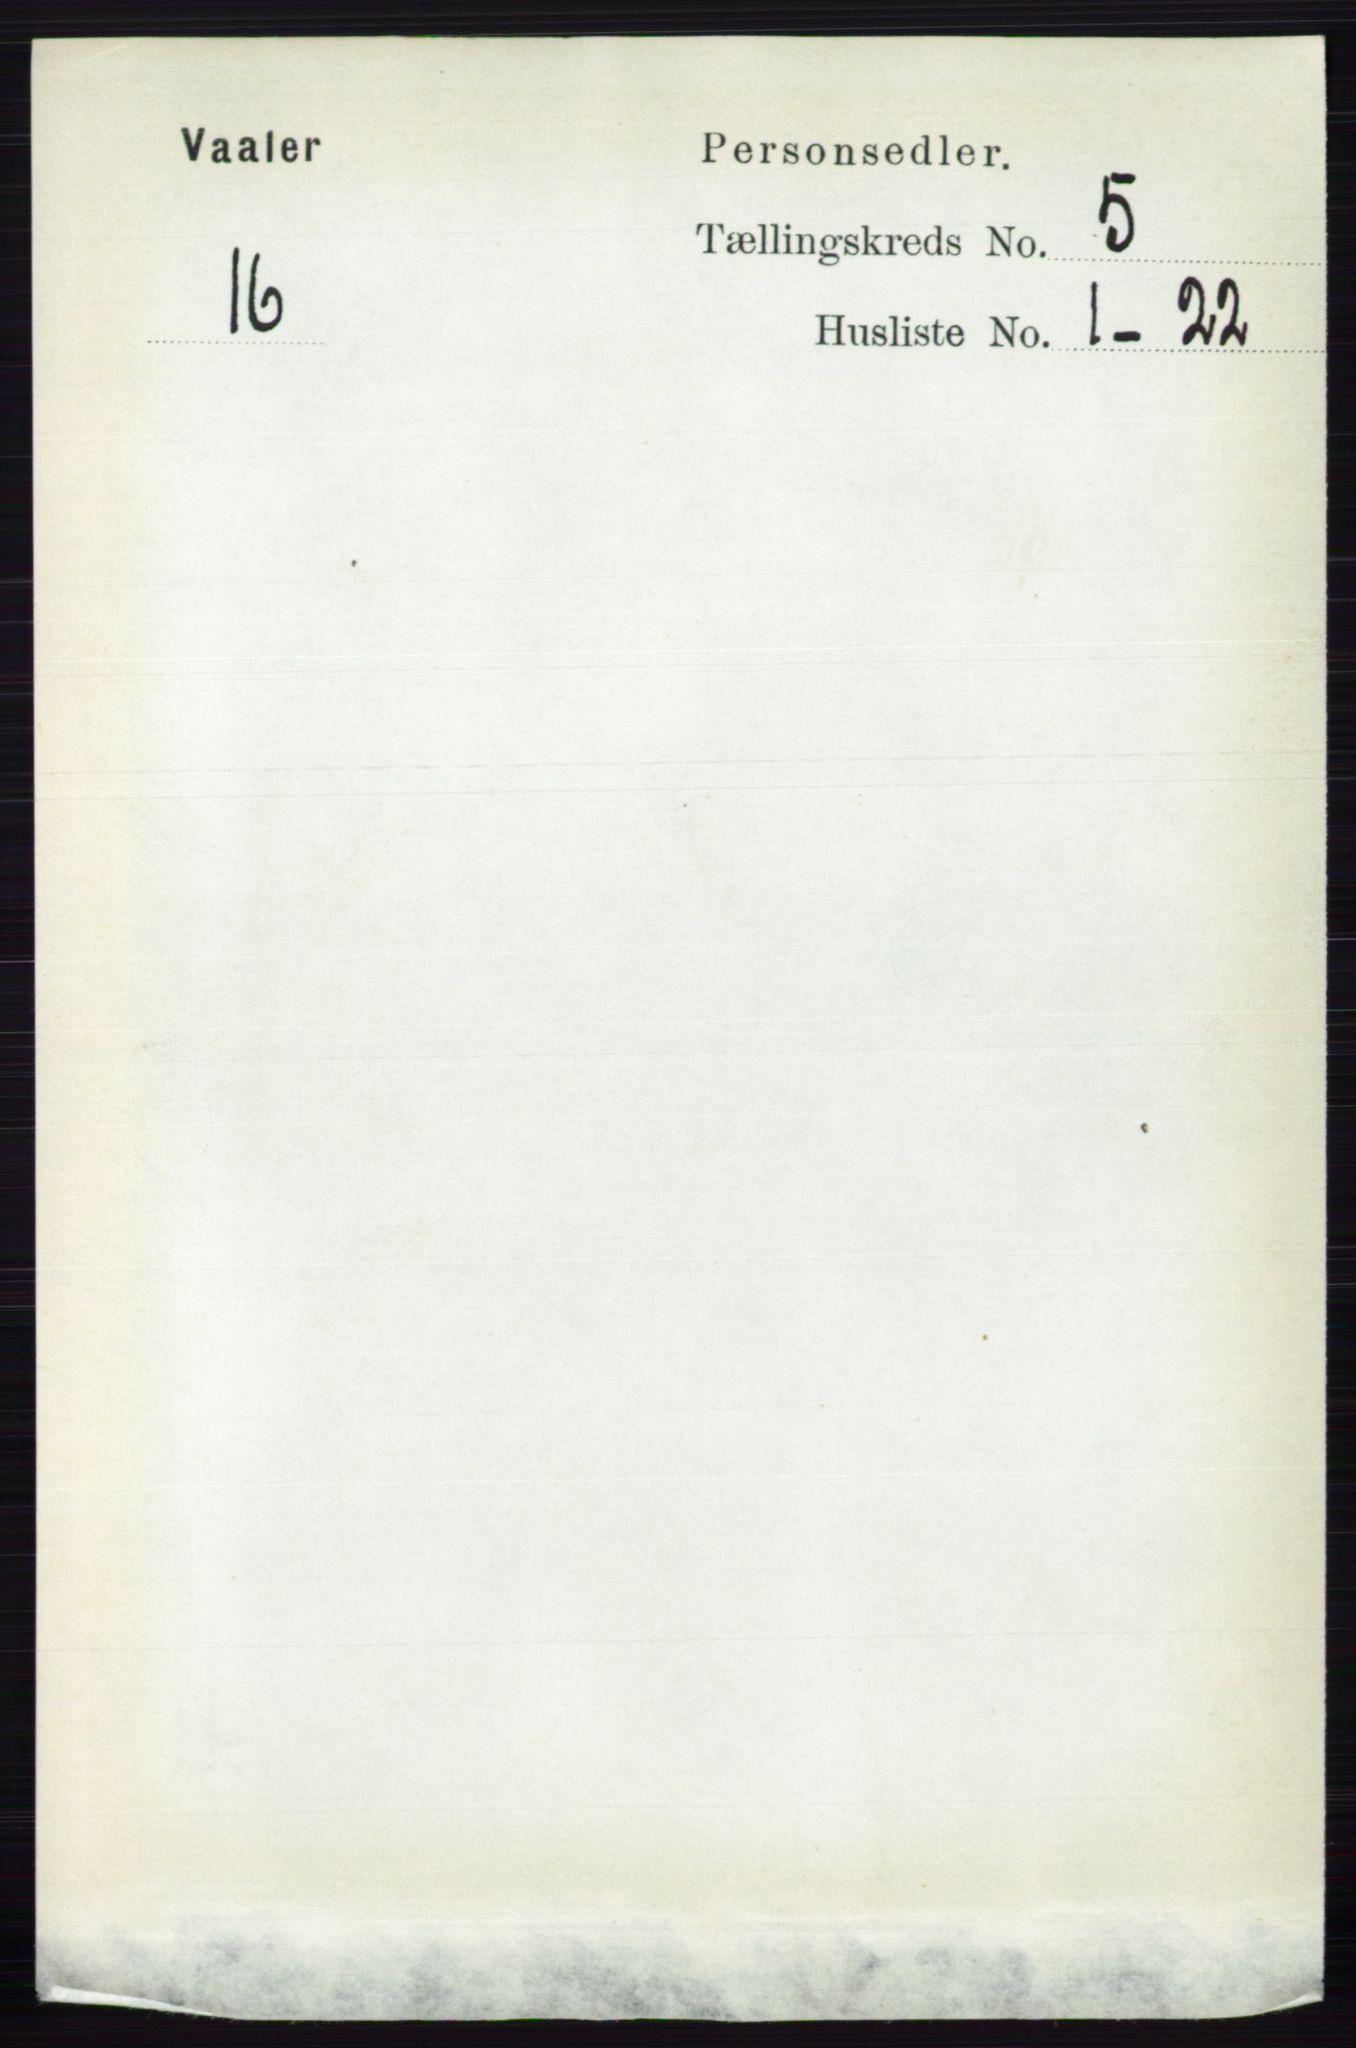 RA, Folketelling 1891 for 0137 Våler herred, 1891, s. 1977